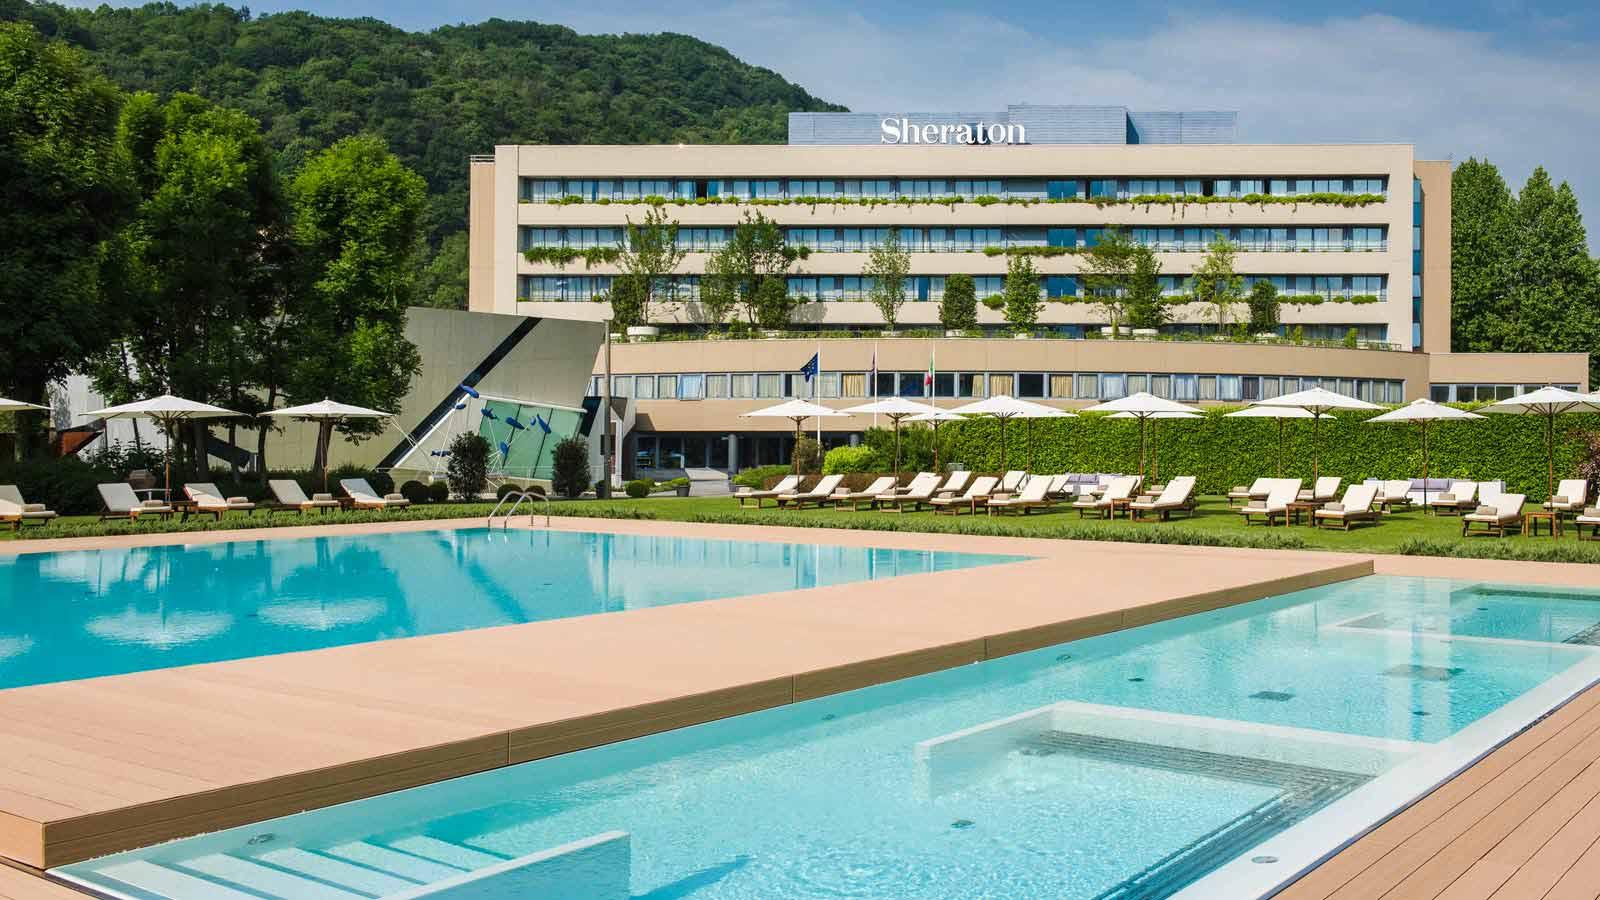 Isolamento acustico hotel e isolamento acustico camere d'albergo - Acustica hotel e acustica albergo